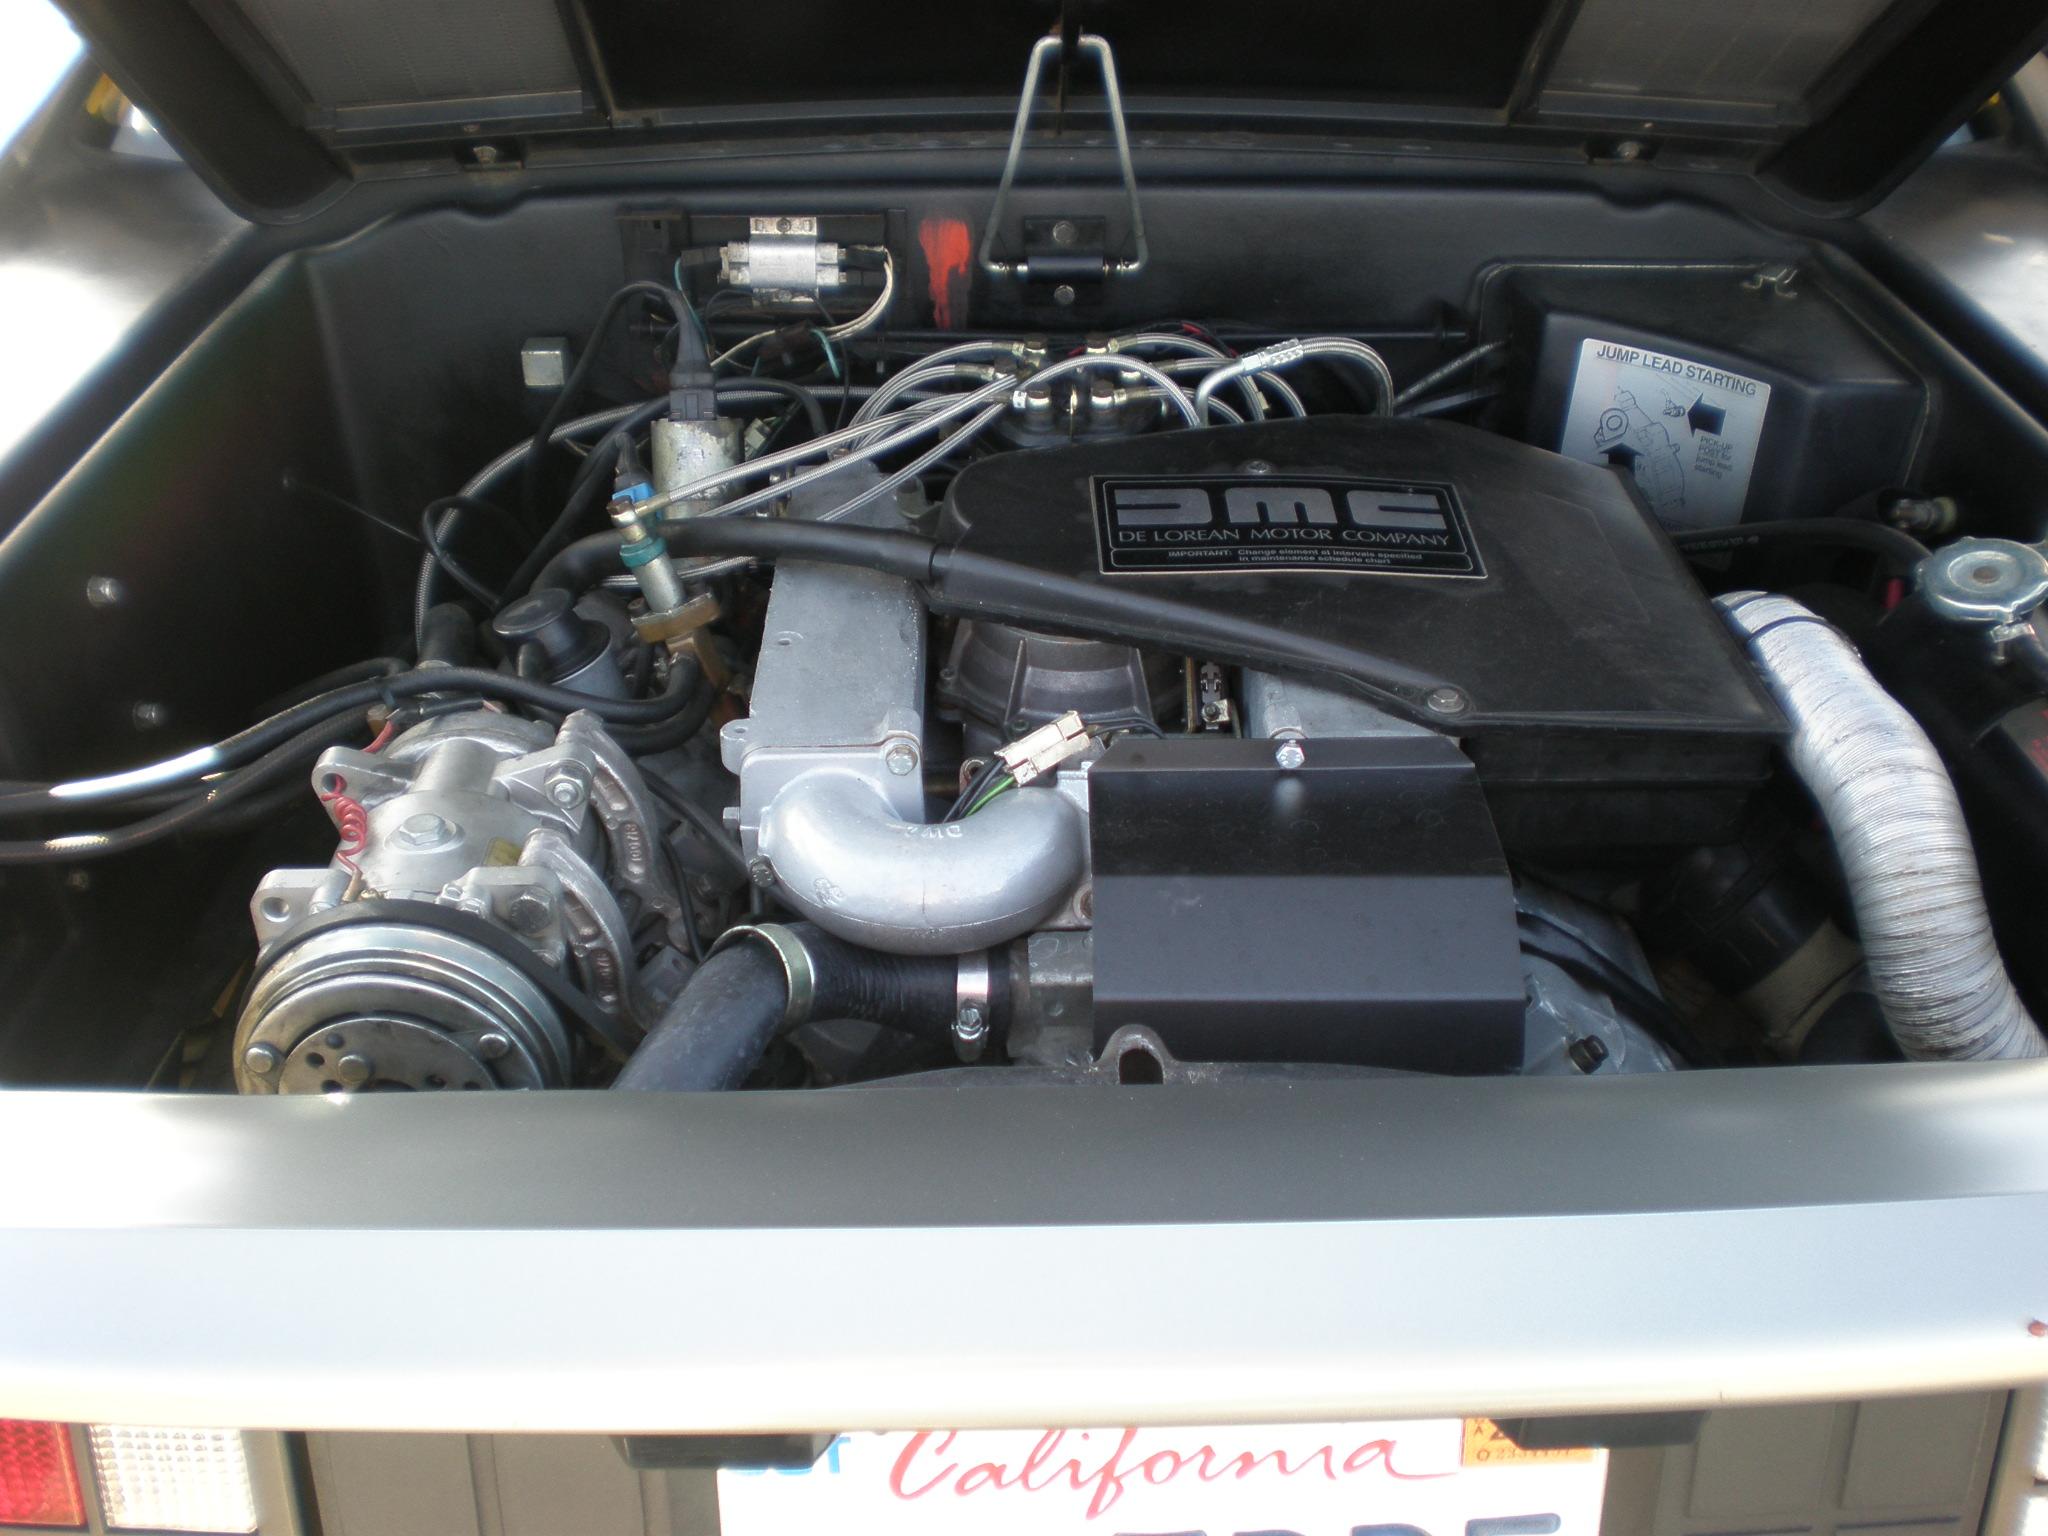 DeLorean DMC-12 V6 PRV